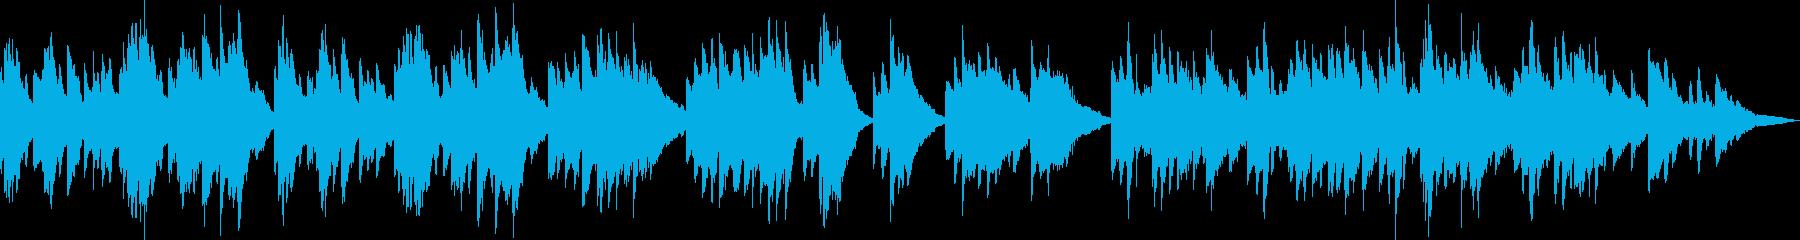 ピアノ生演奏/和風・京都・お茶・寺・静かの再生済みの波形